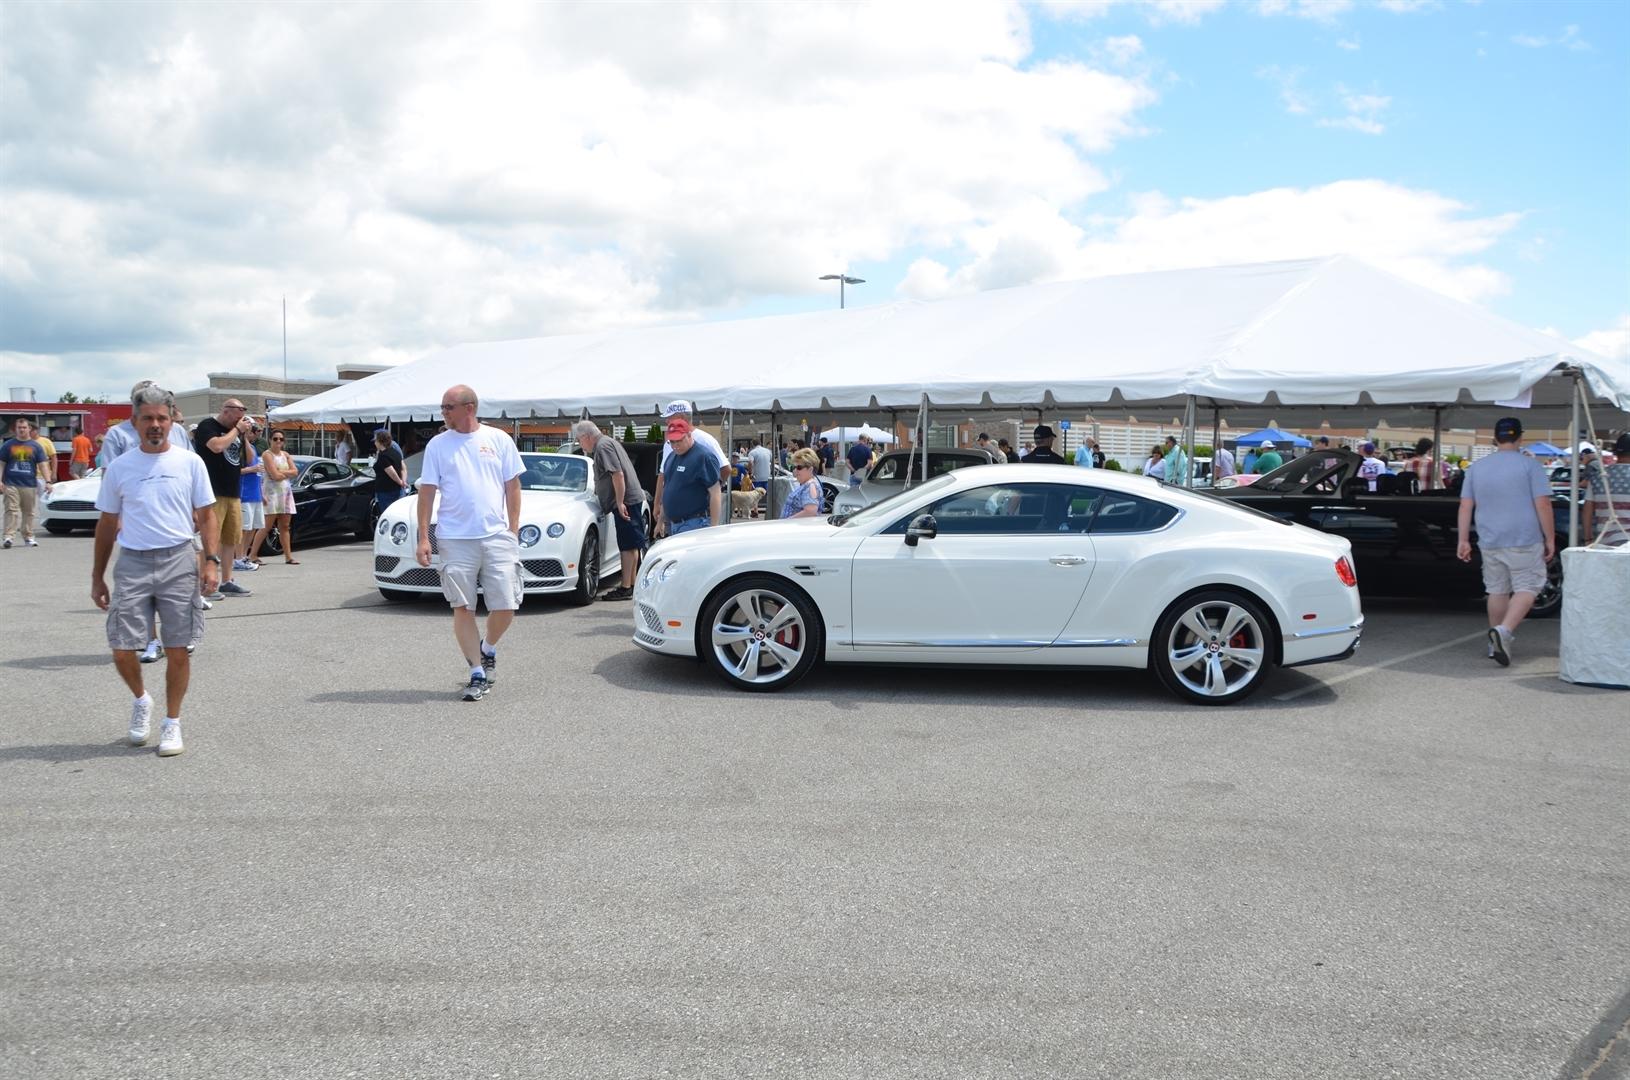 St. Louis European Auto Show 2016